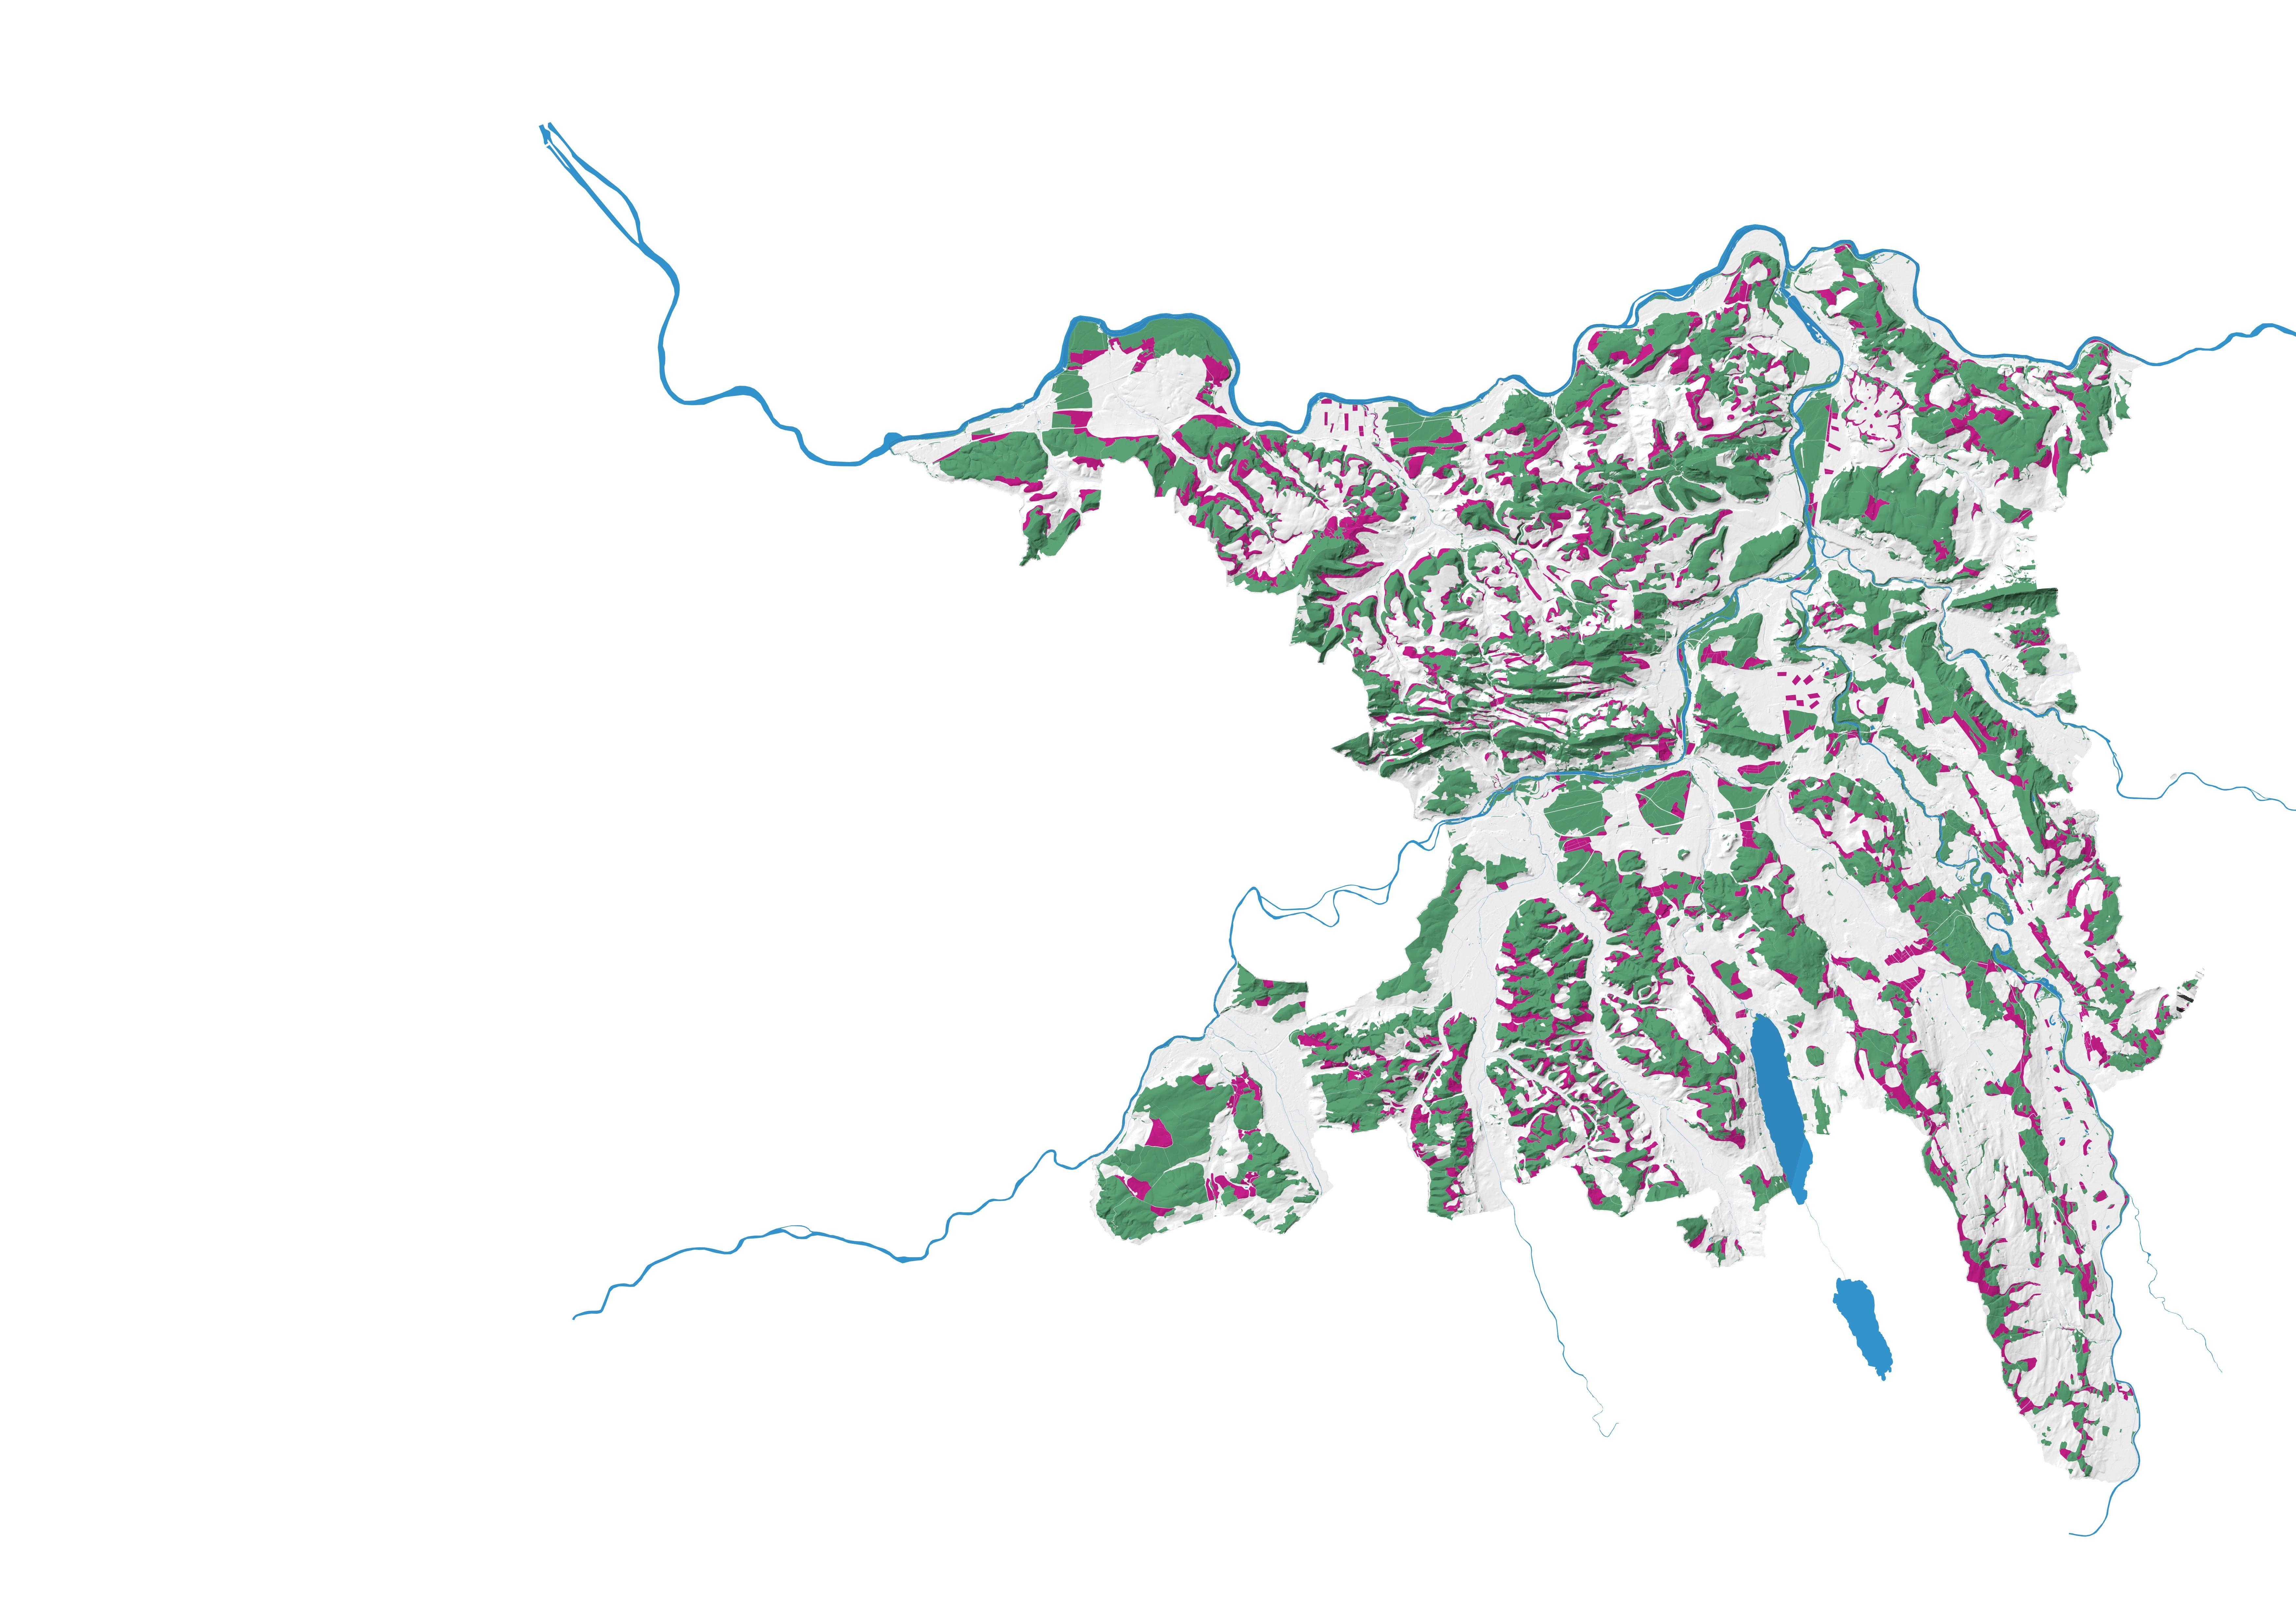 Mit dem zusätzlichen Wald soll sich die Fläche auf total 61'000 Hektar belaufen, was rund 45 Prozent der gesamten Kantonsfläche entspricht. Rund 21,9 Millionen Bäume soll es so im Kanton Aargau geben.